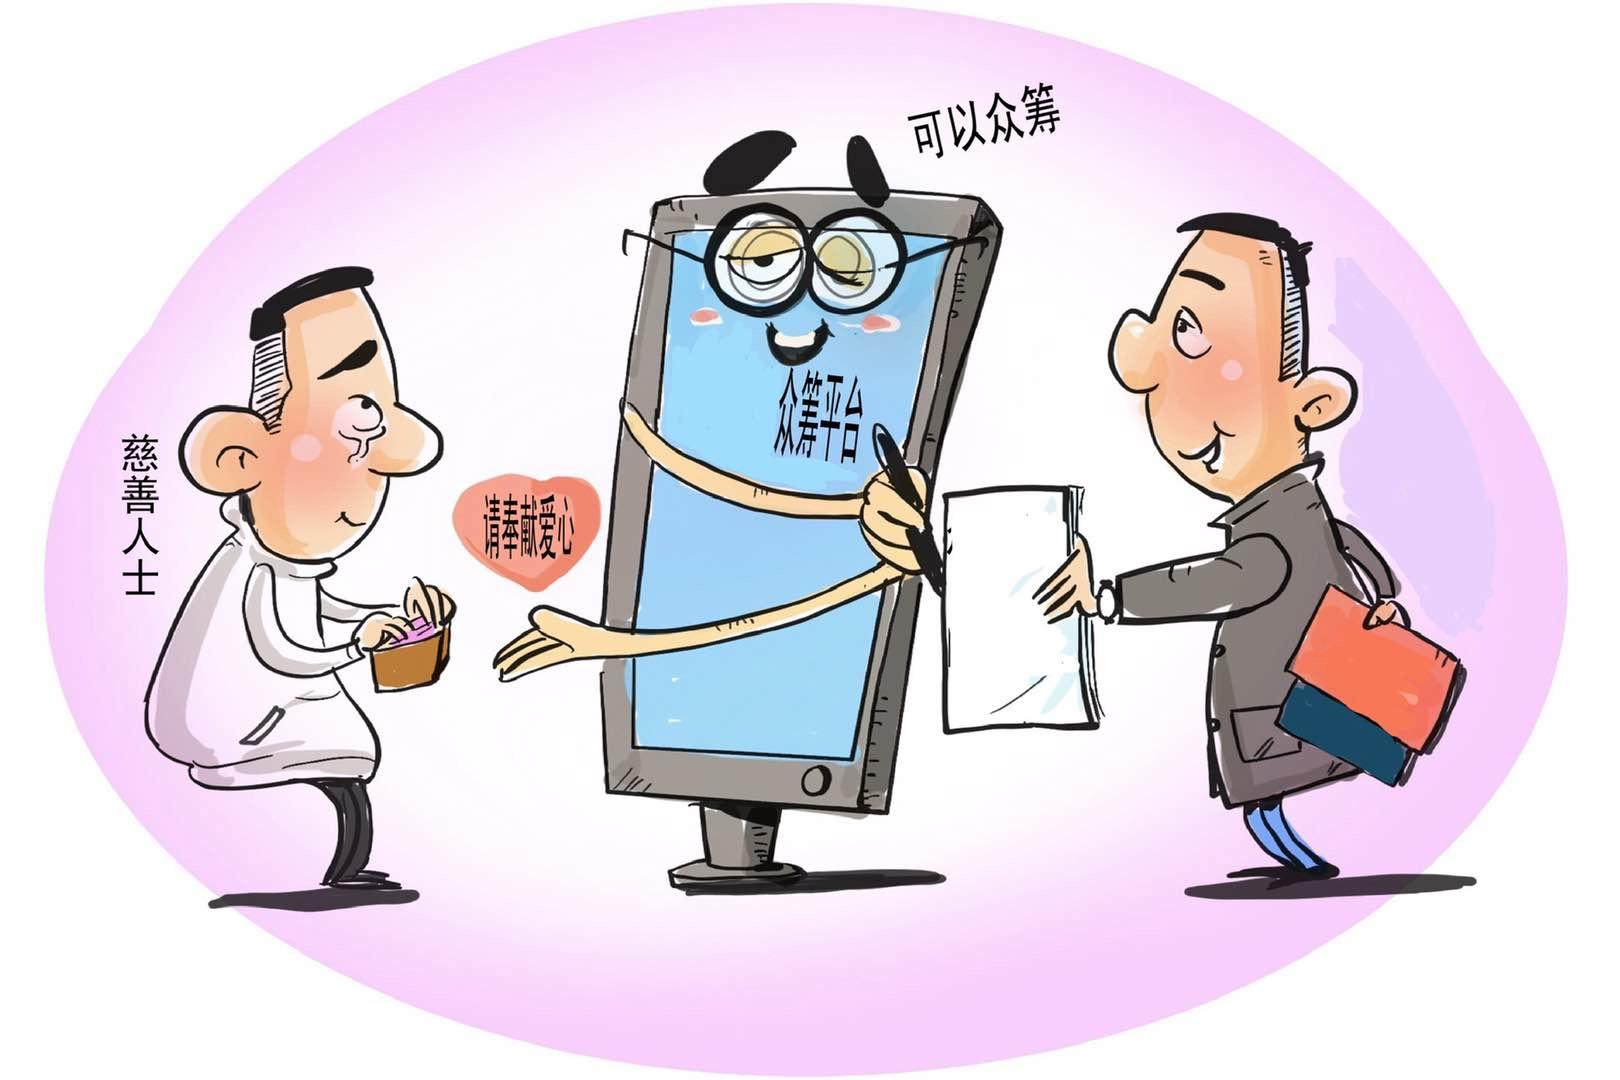 法律专家:募款吴花燕是否知情,9958迄今没回应